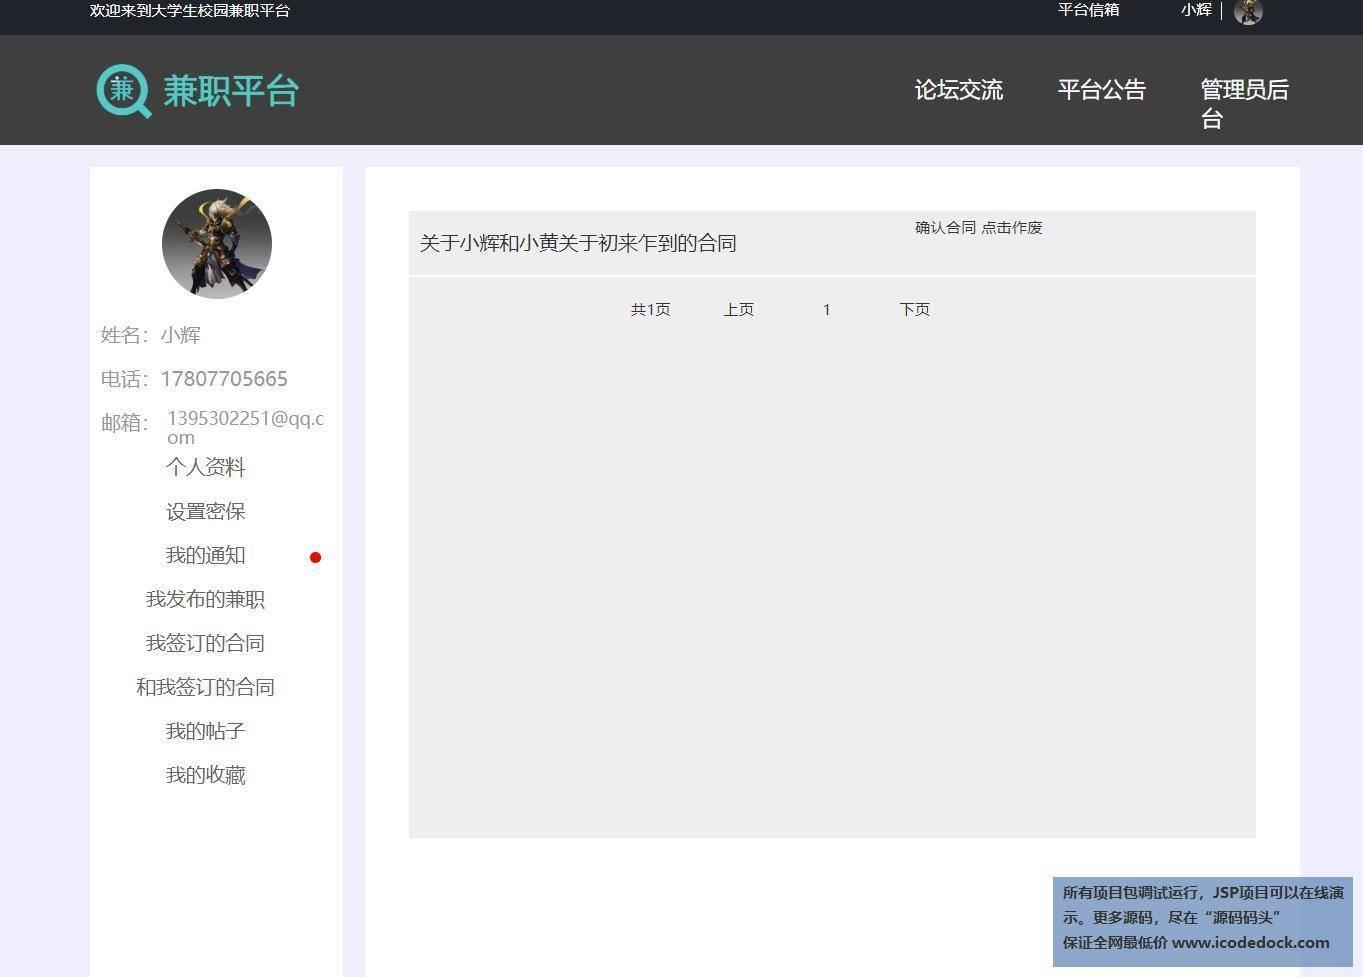 源码码头-SSM学生兼职项目网站-用户角色-个人信息管理